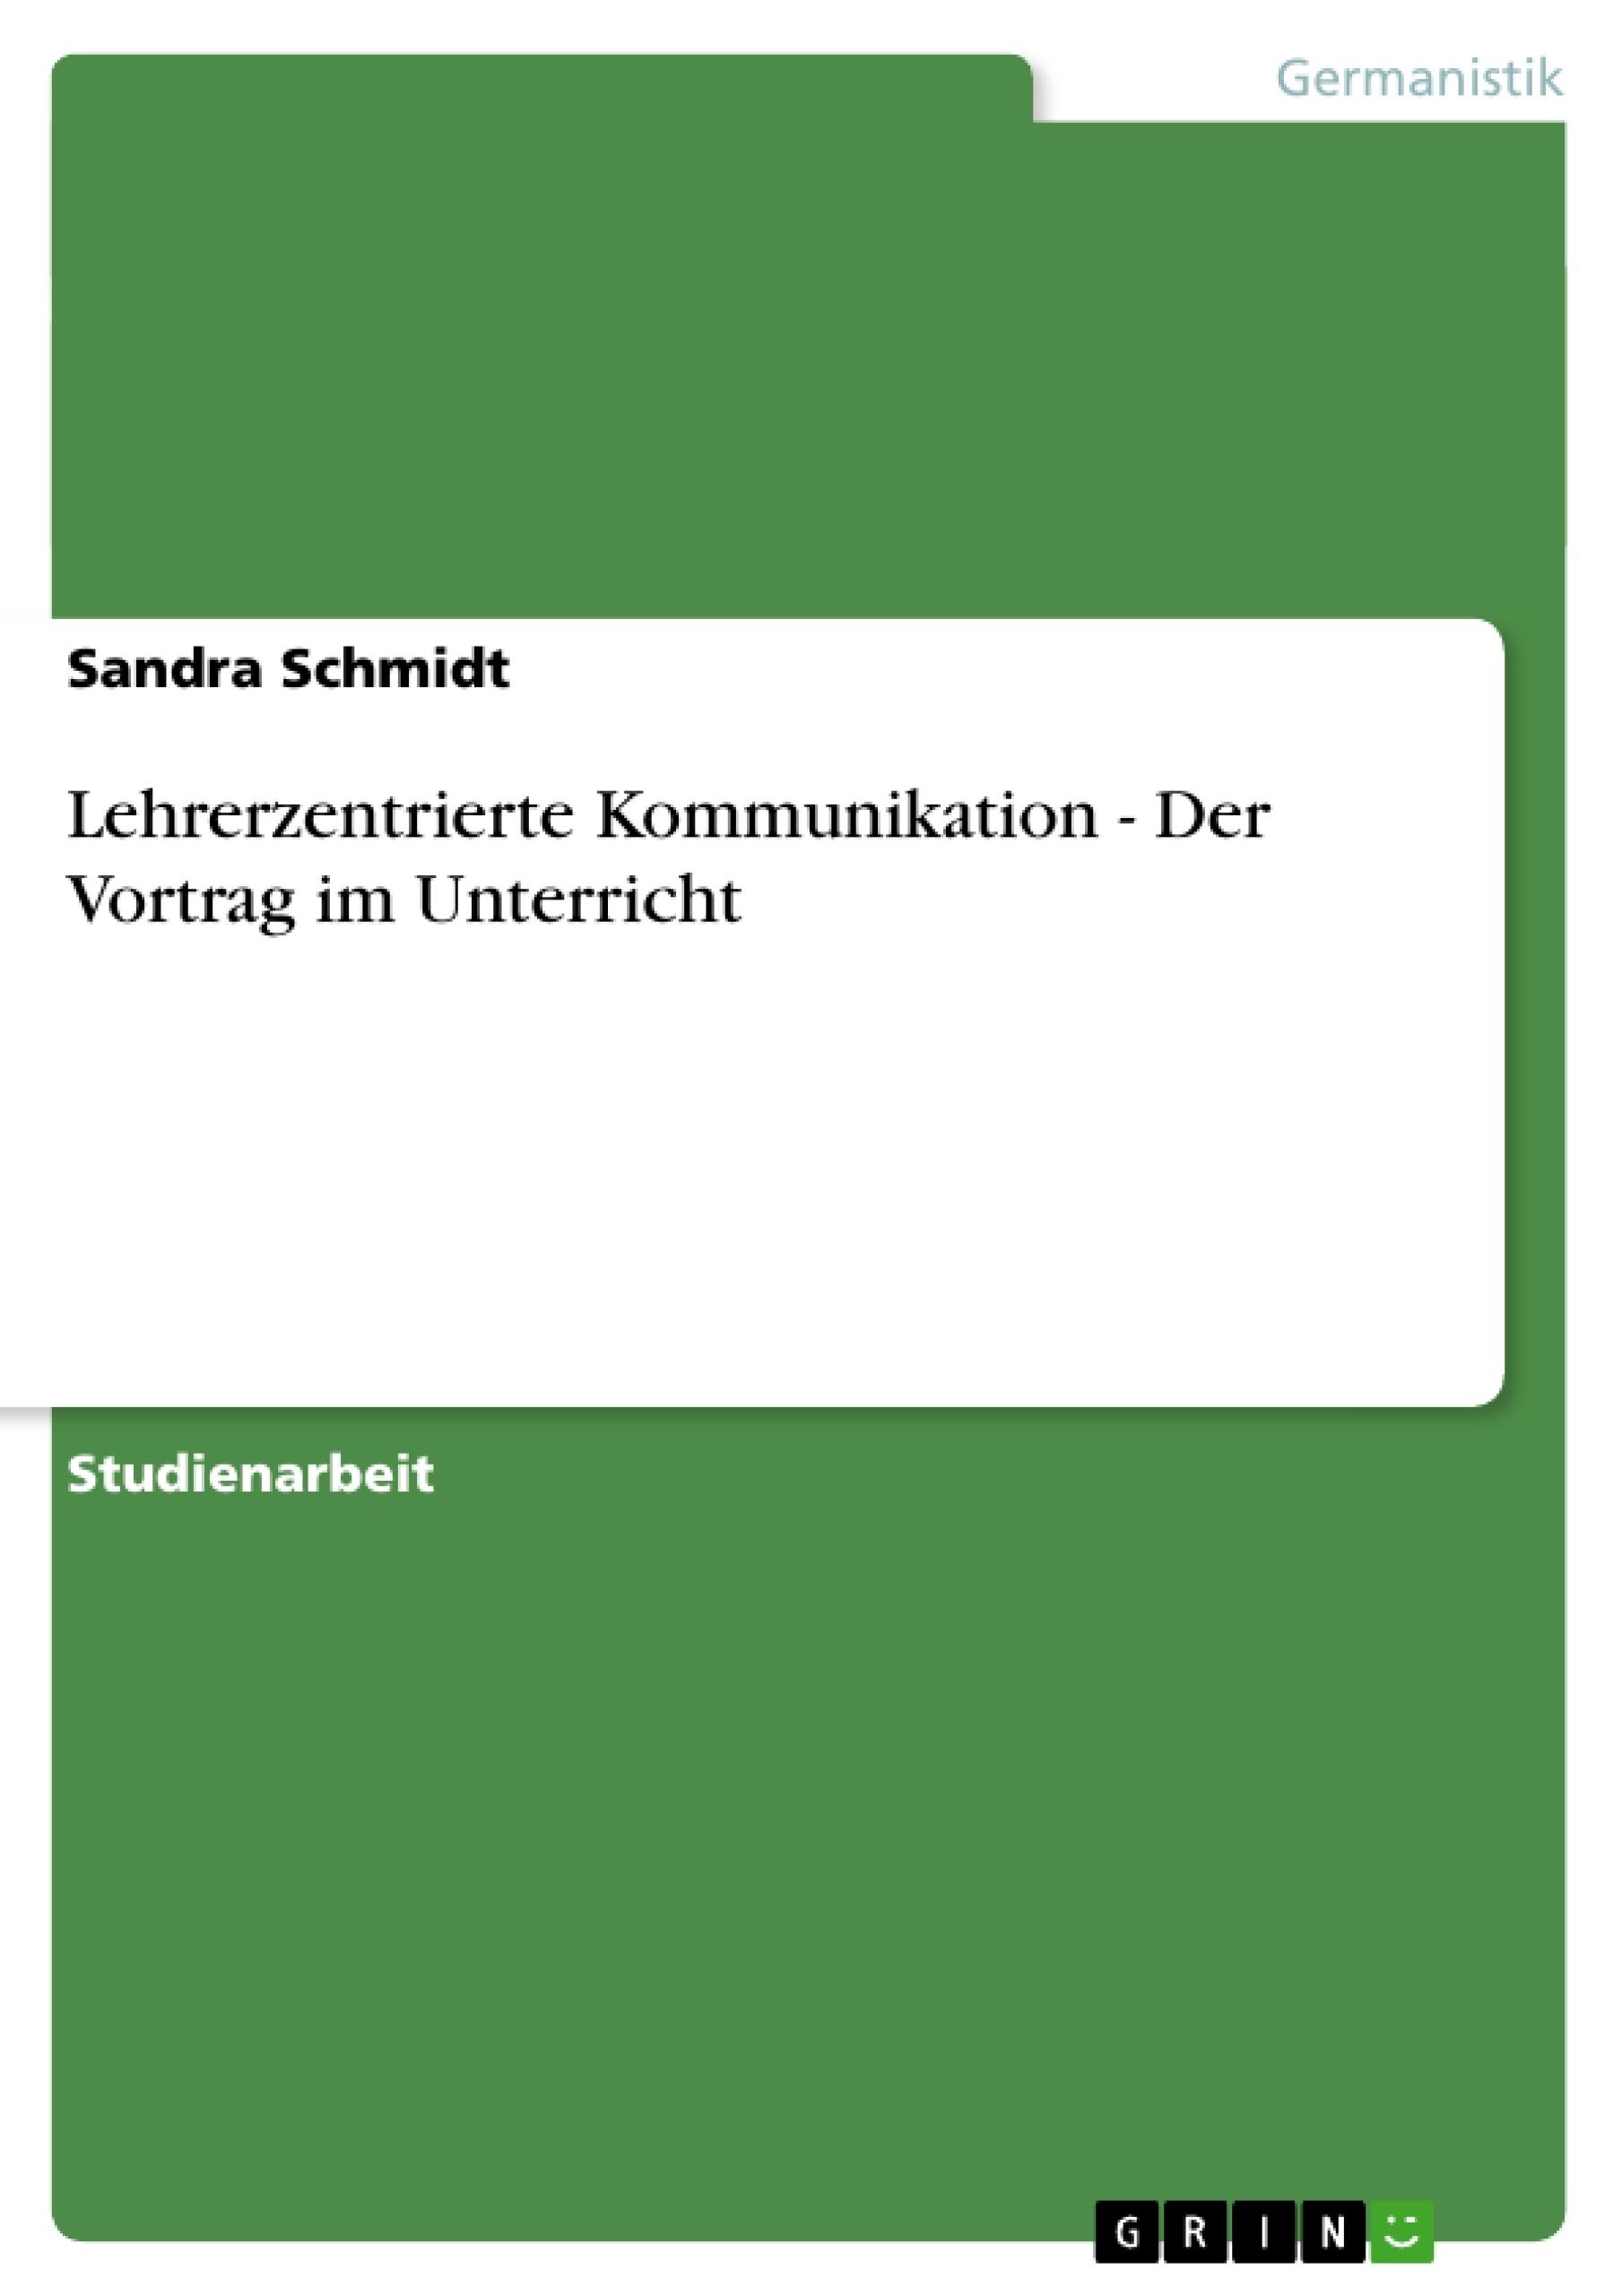 Titel: Lehrerzentrierte Kommunikation - Der Vortrag im Unterricht